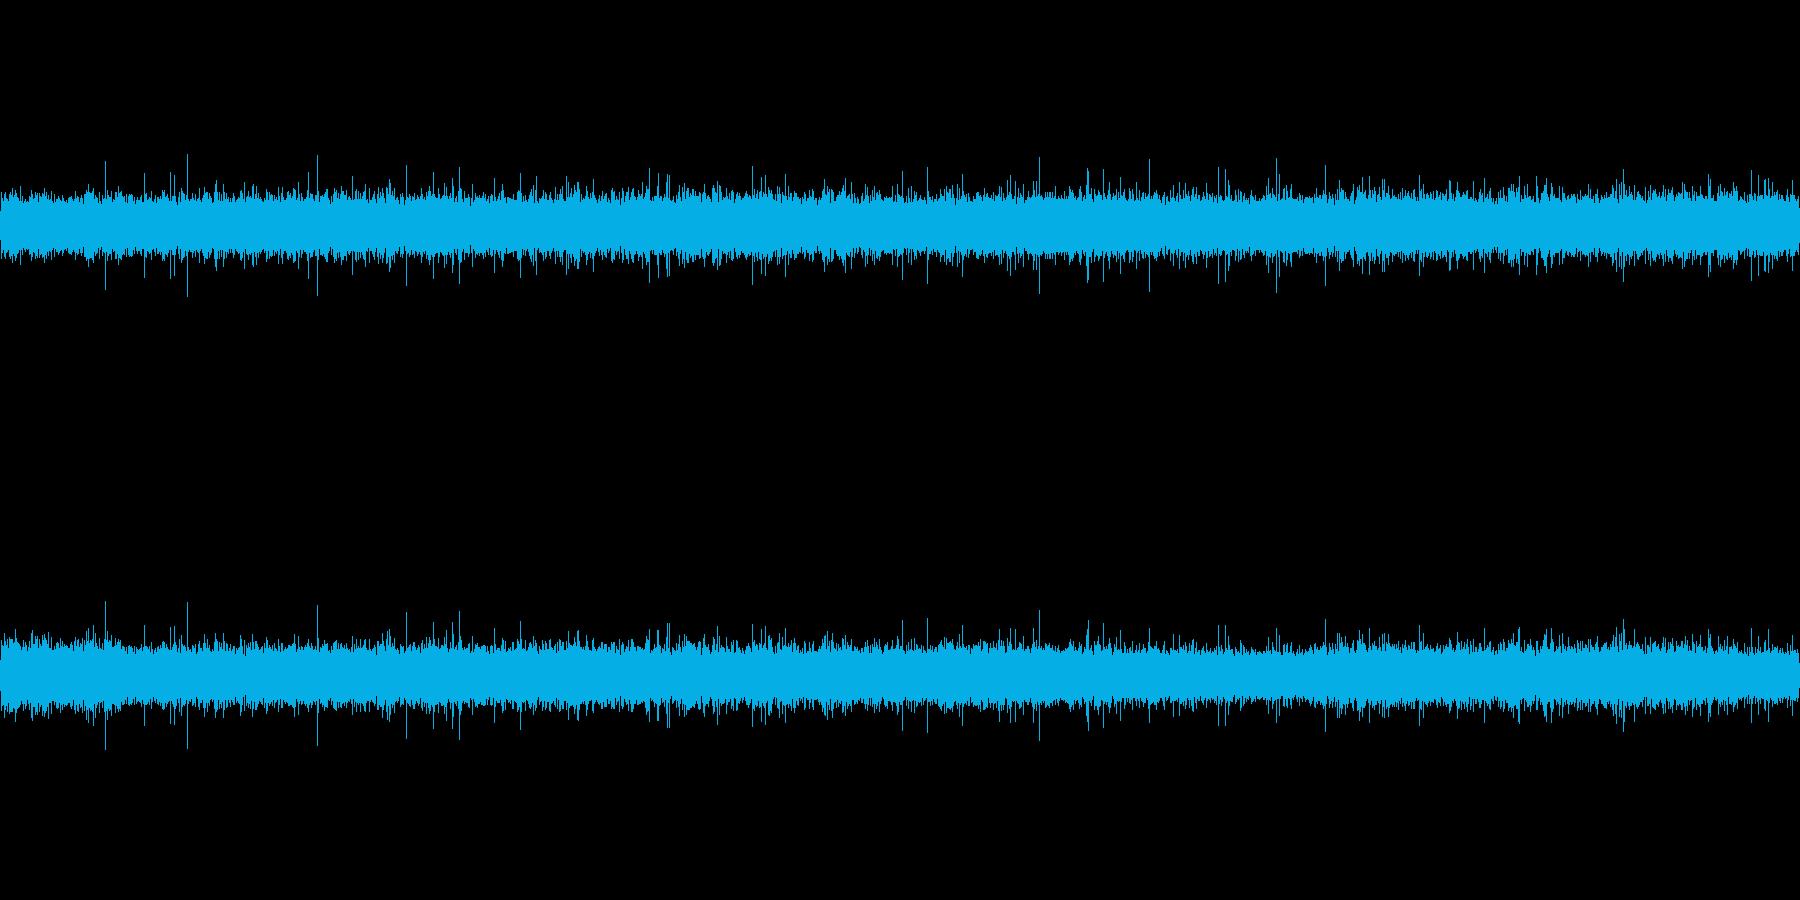 清流の川音の再生済みの波形